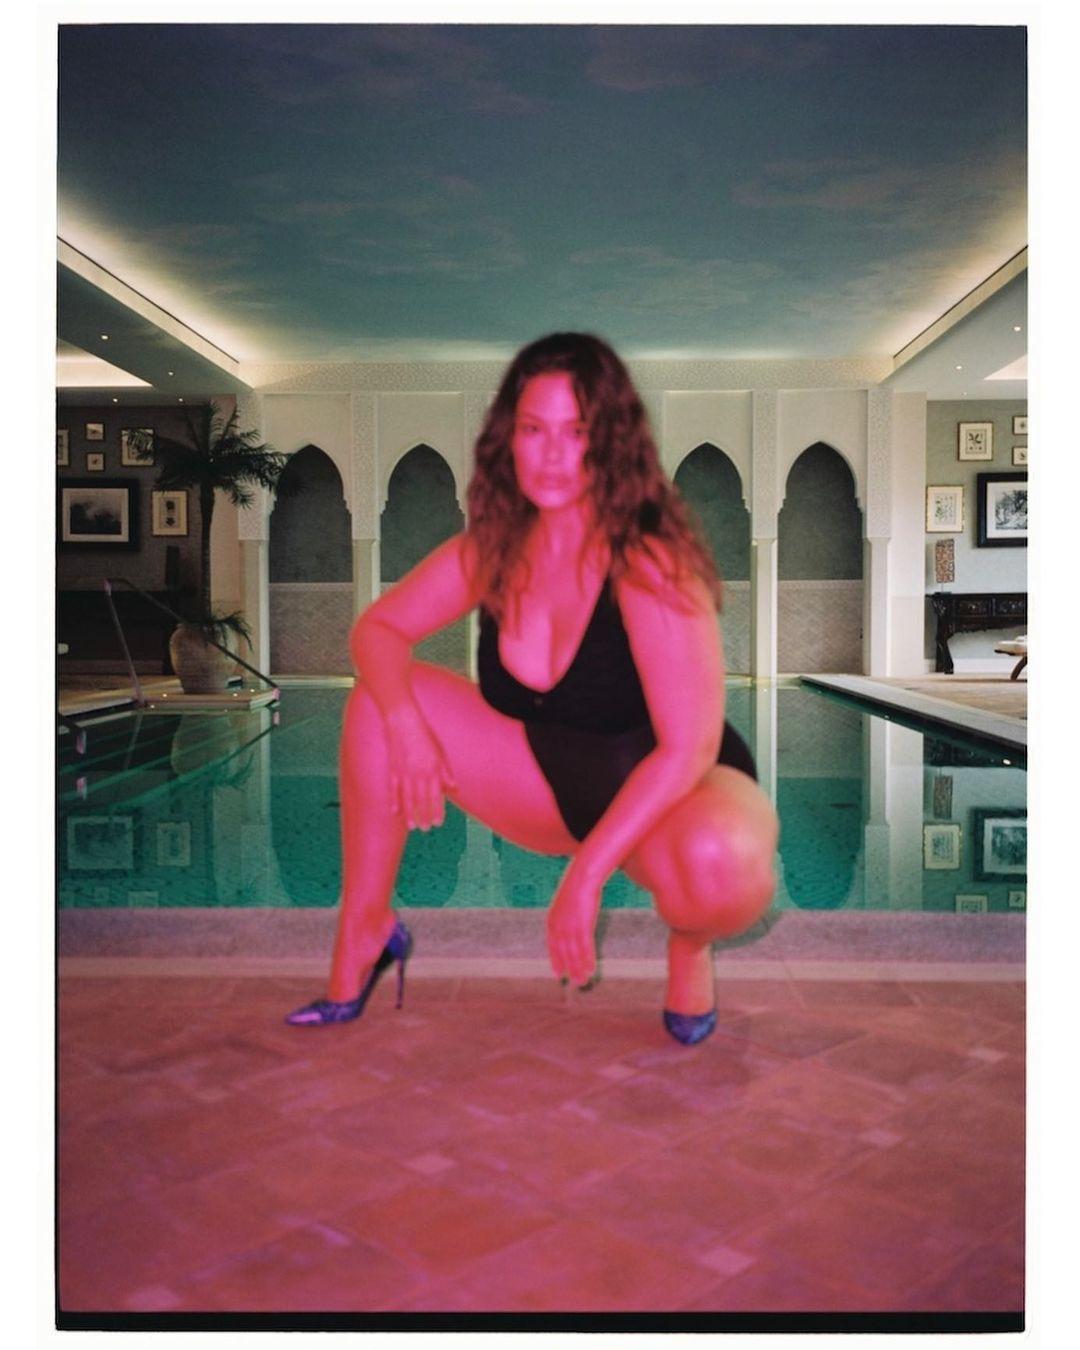 Фотошоп бессмысленен: Эшли Грэм показала растяжки и целлюлит на горячих фото в бассейне